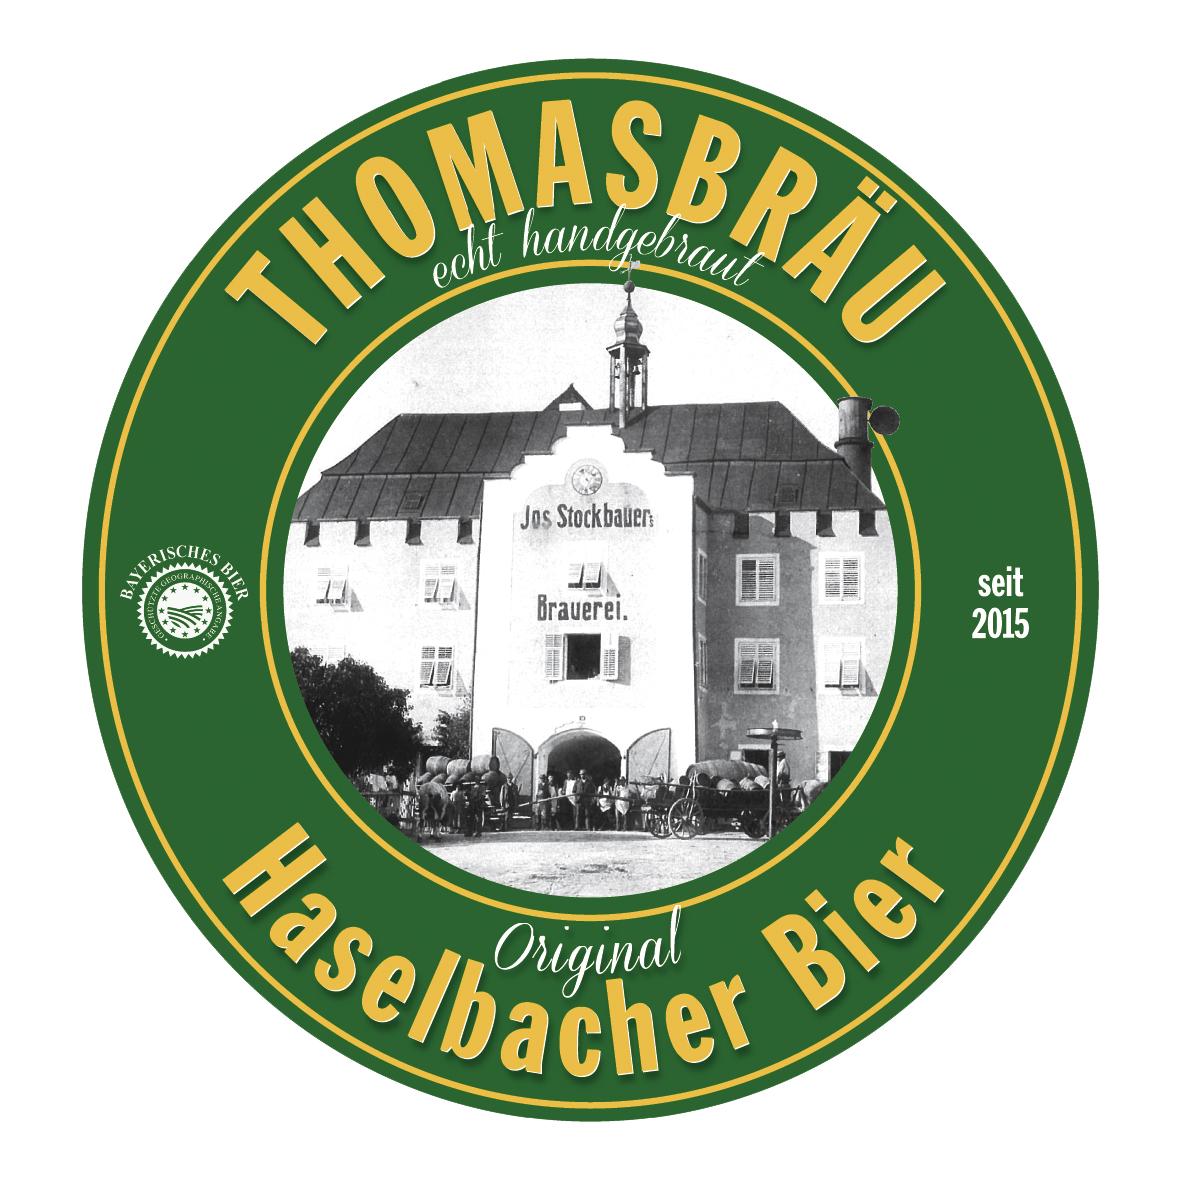 Thomas Bräu, Haselbach